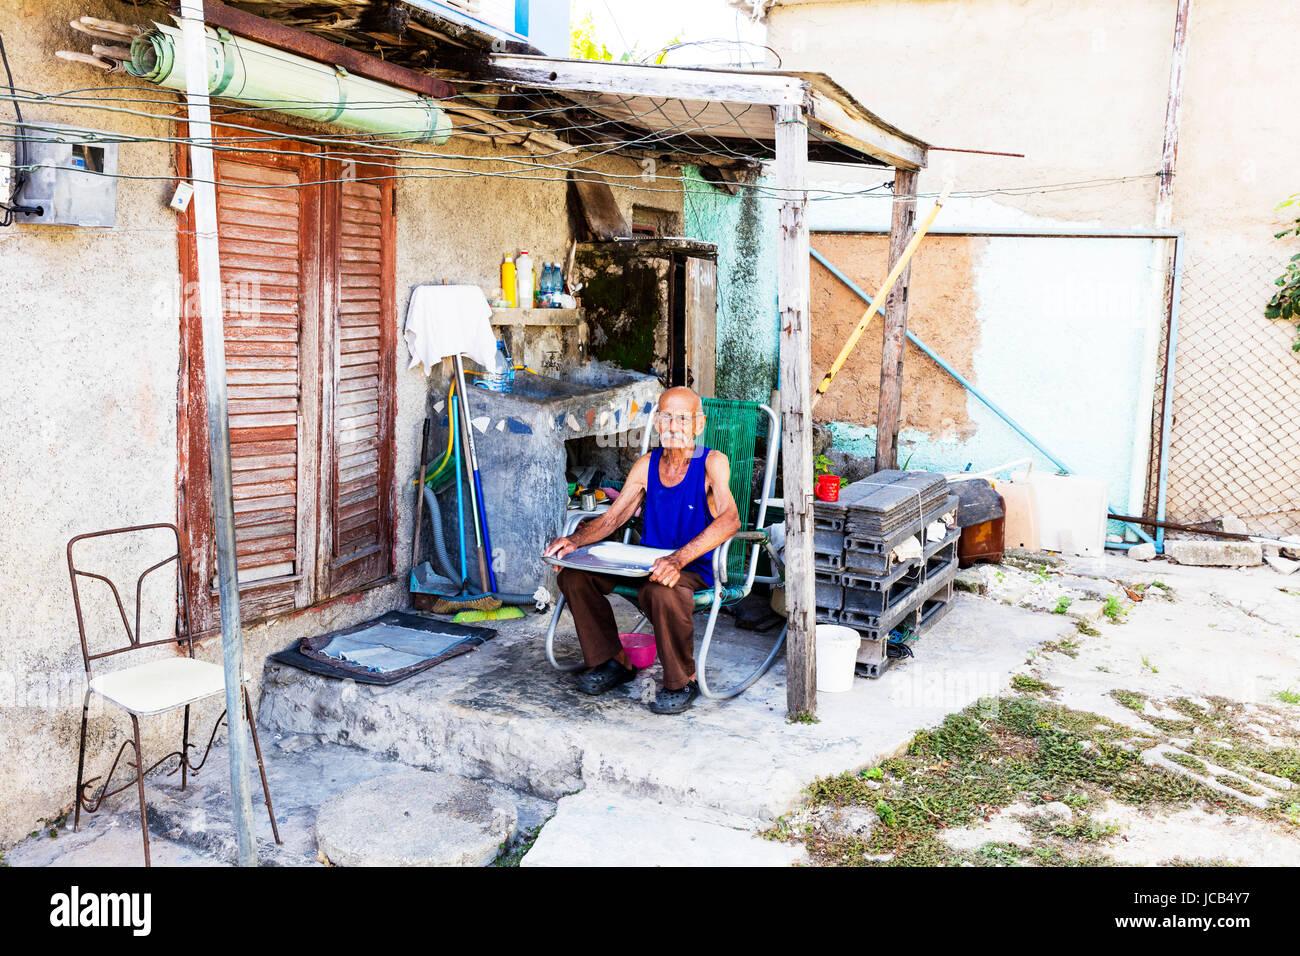 Vieux homme cubain avec bac de riz au tour, le tri du riz, compter les grains de riz cubain, jardin, homme cubain, Photo Stock